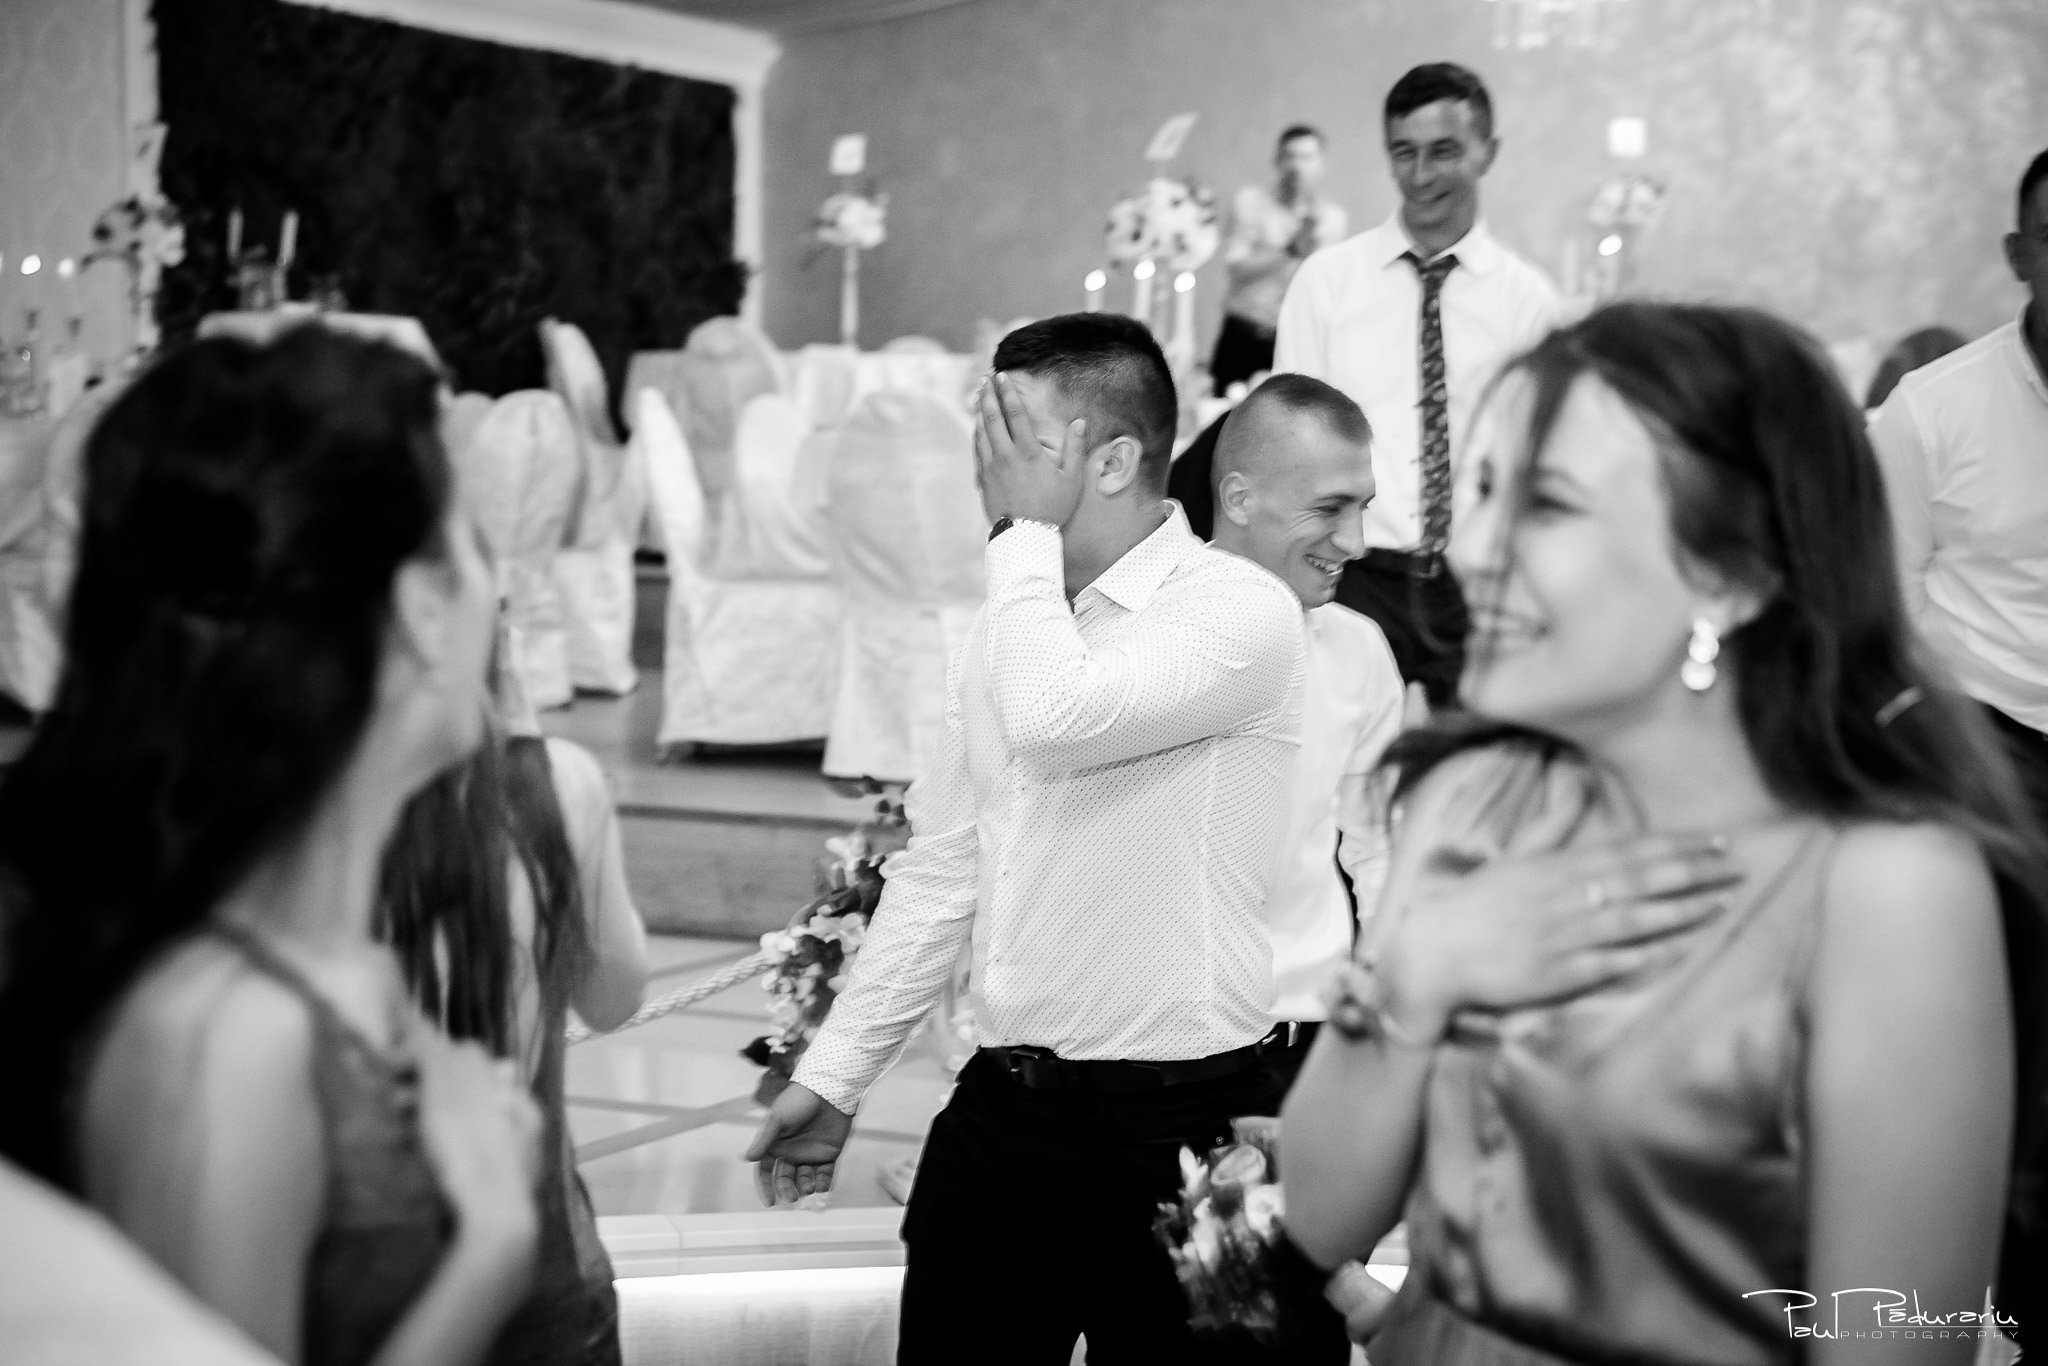 Nunta la Castel Iasi Ana-Maria si Marius fotograf profesionistwww.paulpadurariu.ro © 2018 Paul Padurariu 5